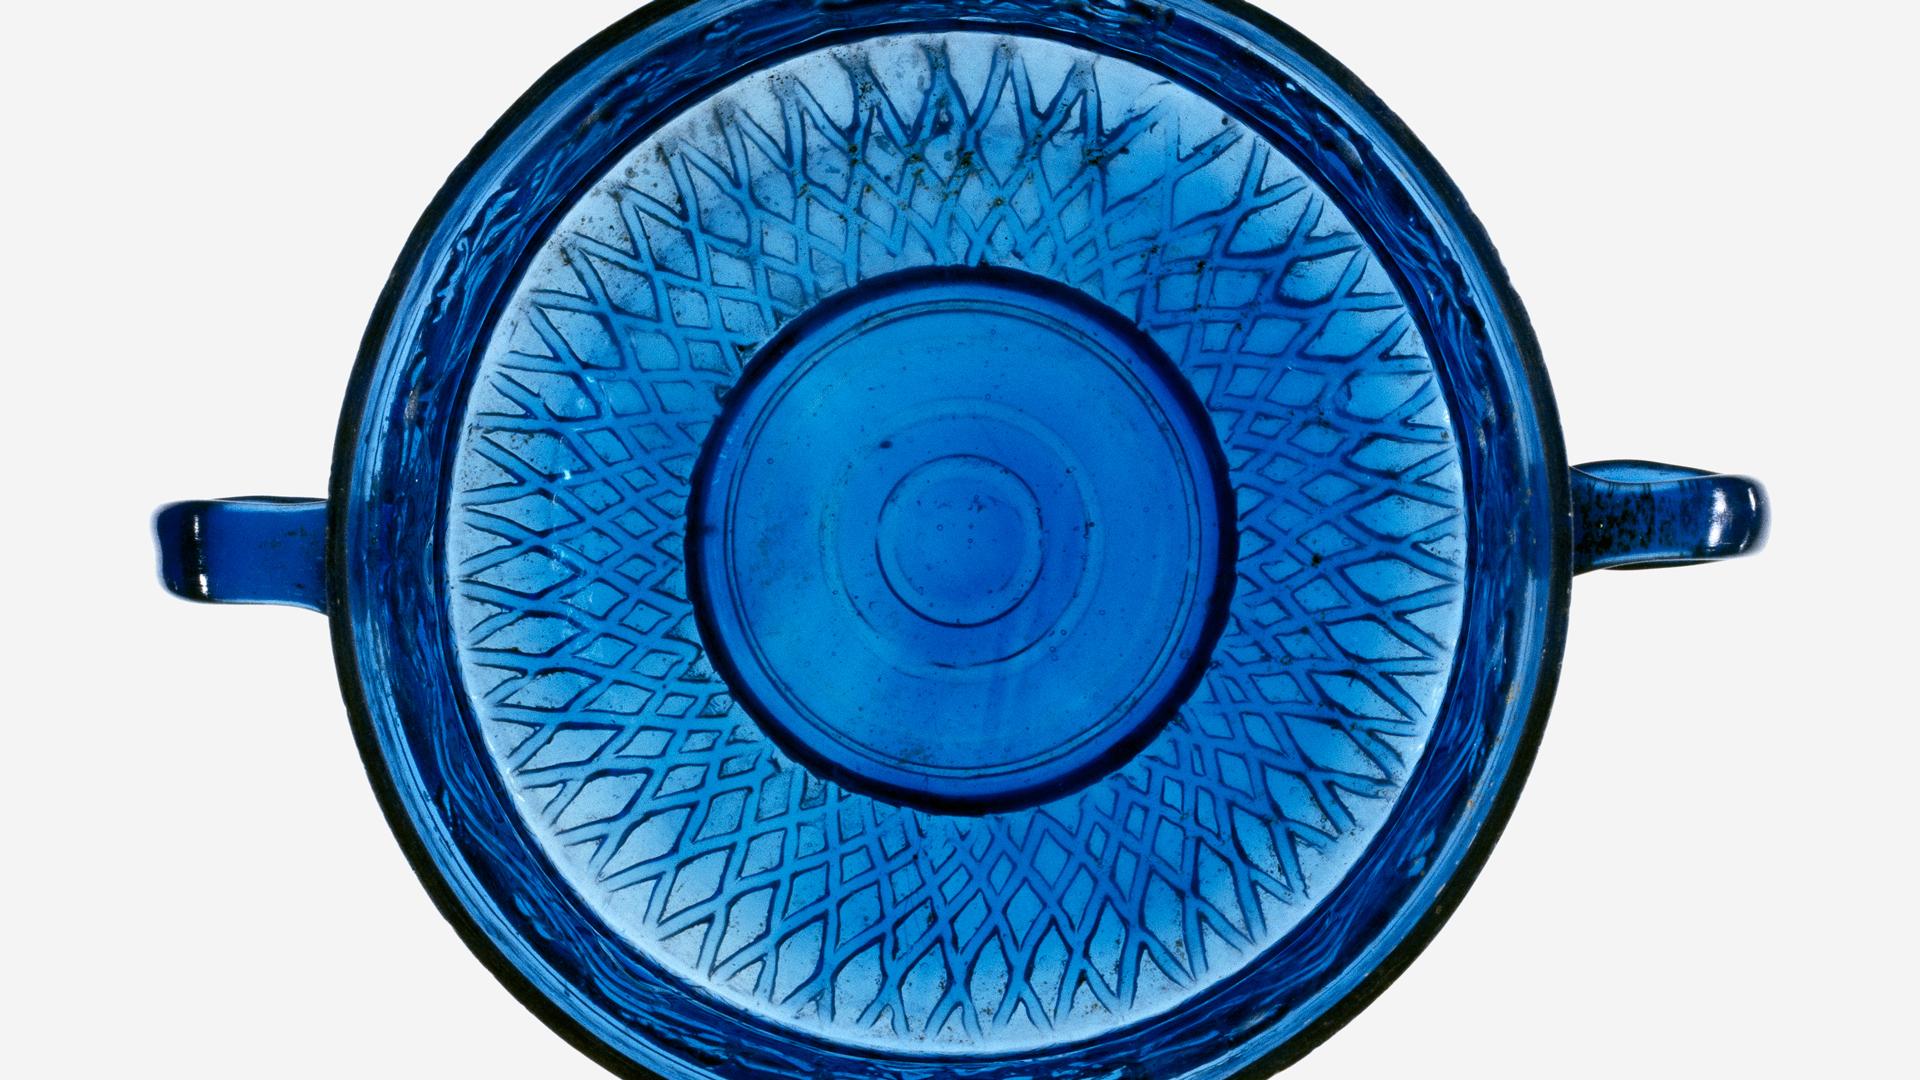 ennion cup detail.jpg